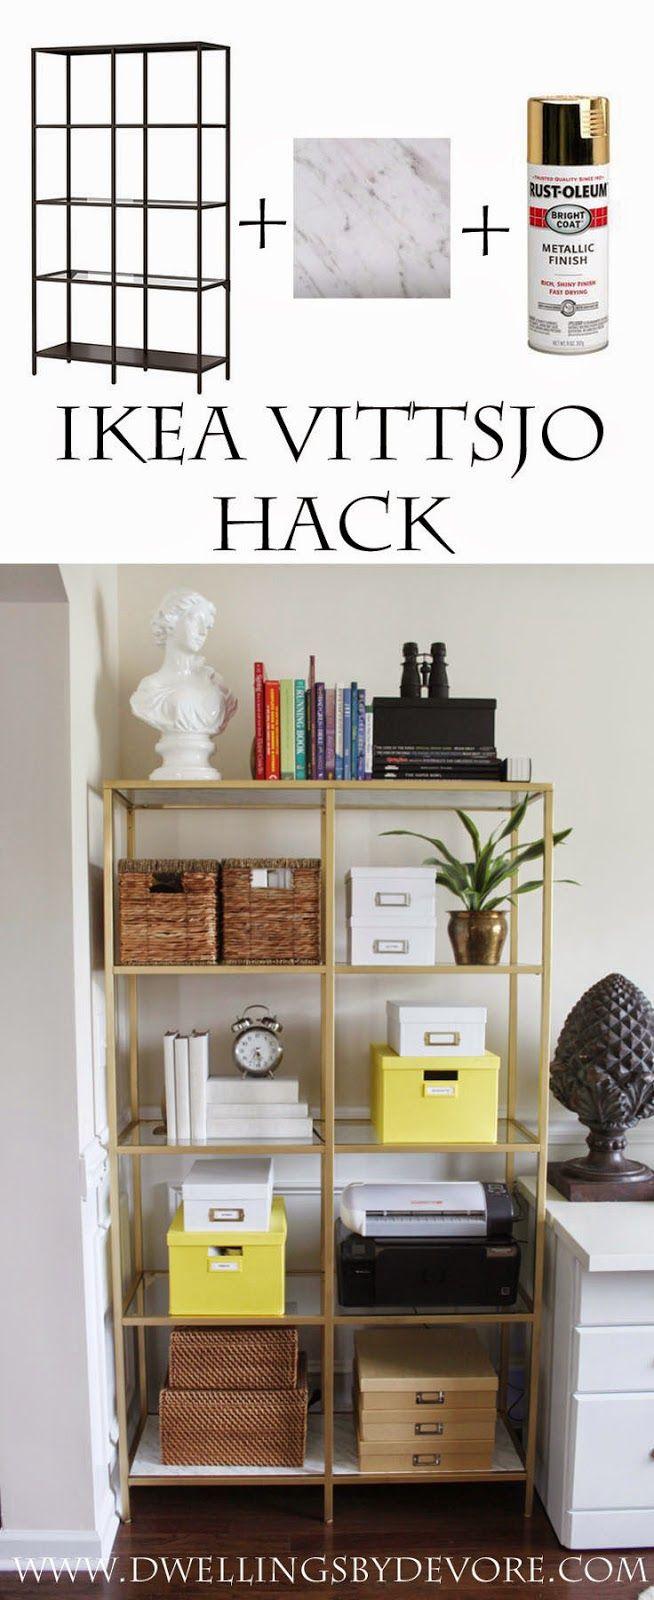 Diy Crafts Ideas Ikea Vittsjo Hack Using Gold Spray Paint And  # Meuble Ikea Vittsjo